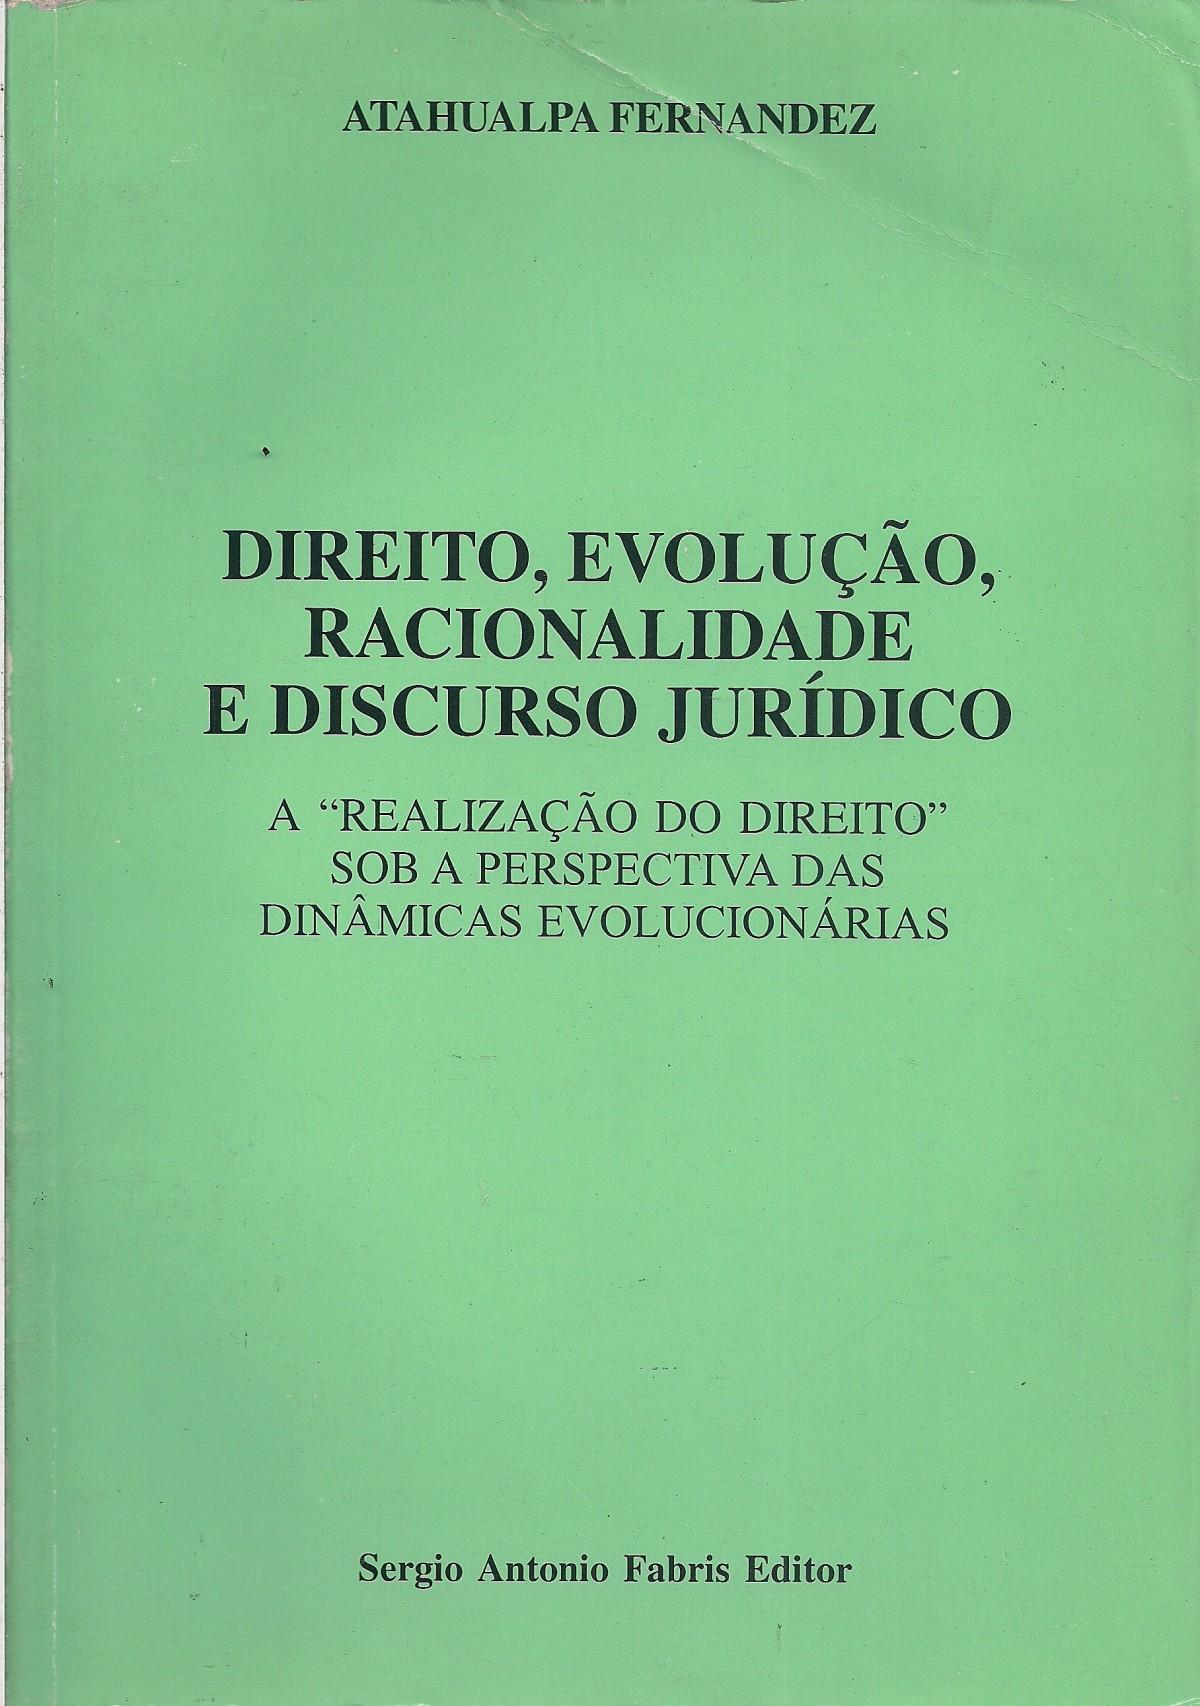 Foto 1 - Direito, Evolução, Racionalidade e Discurso Jurídico